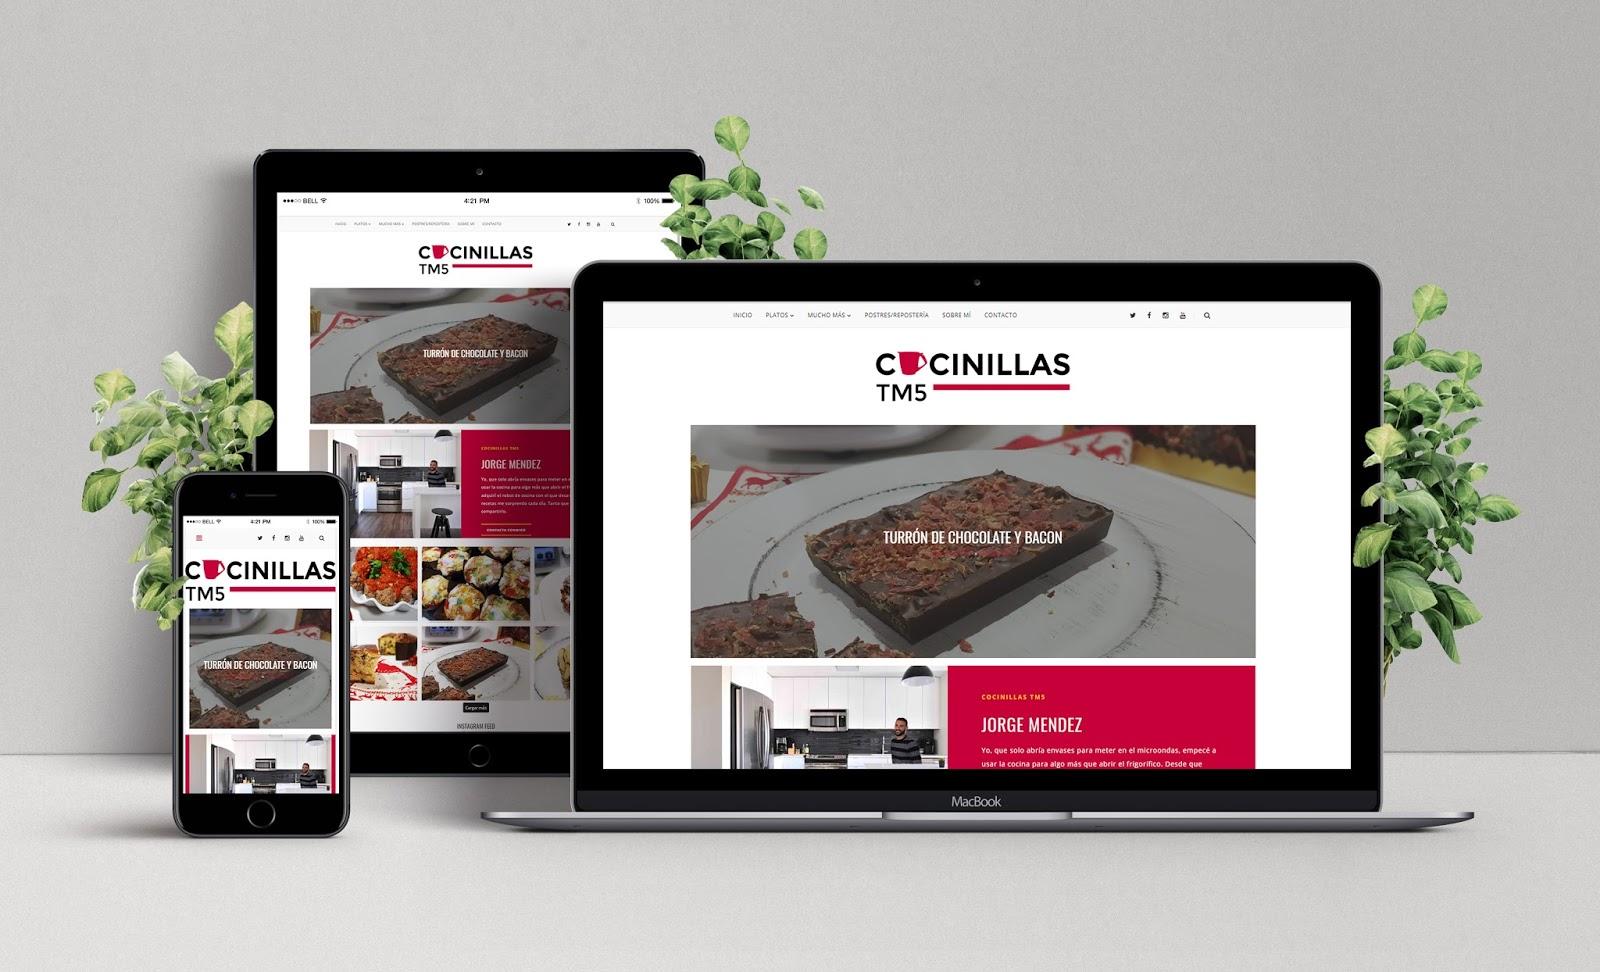 Diseño Web de CocinillasTM5